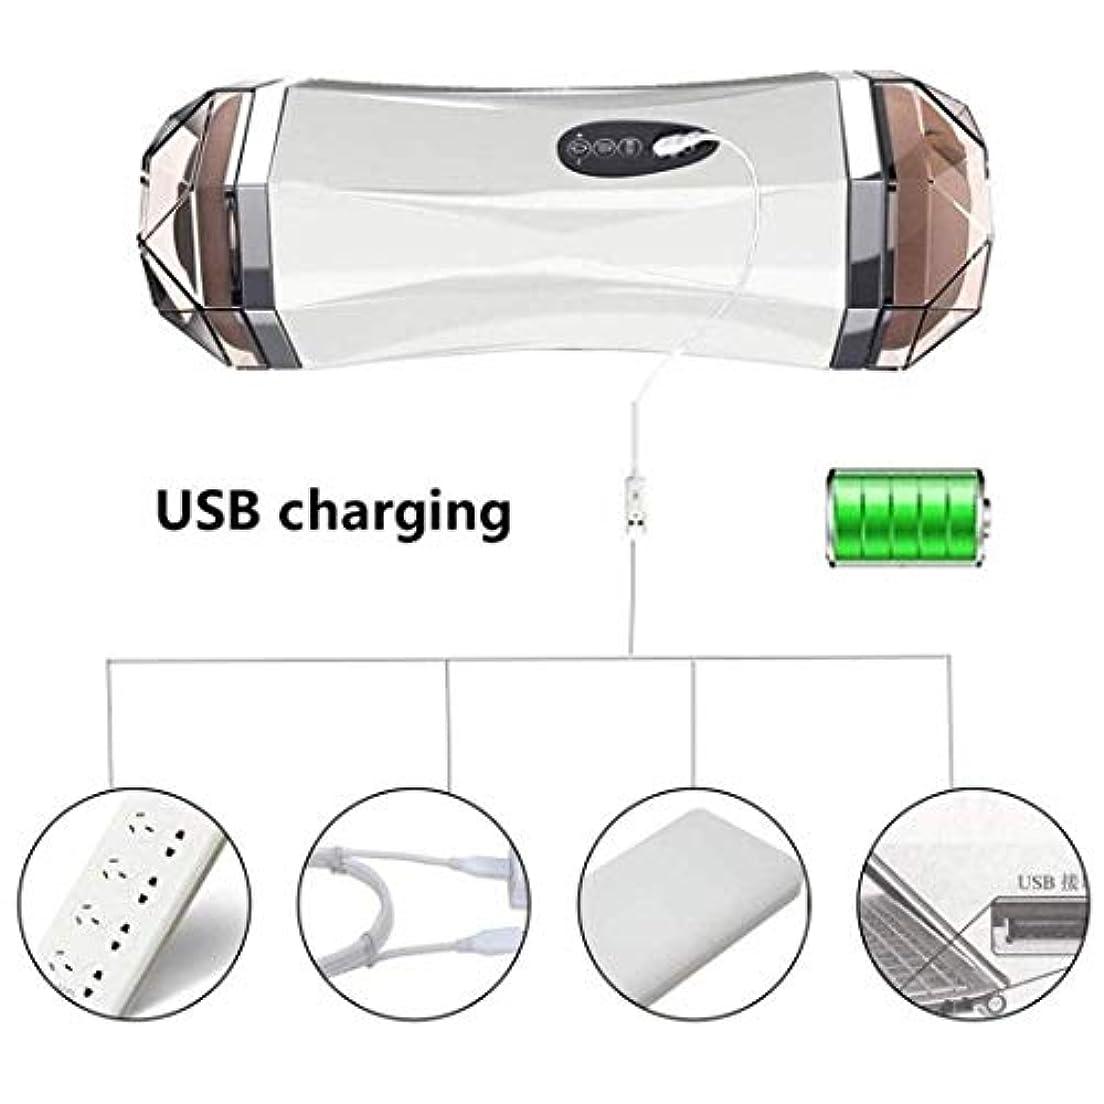 ライセンス緩む悲観主義者MCAZMSG USB Rechargable Handheld Body Massager for Pain Relief and Muscle Relaxation、Promo、Blood Circulation Massager